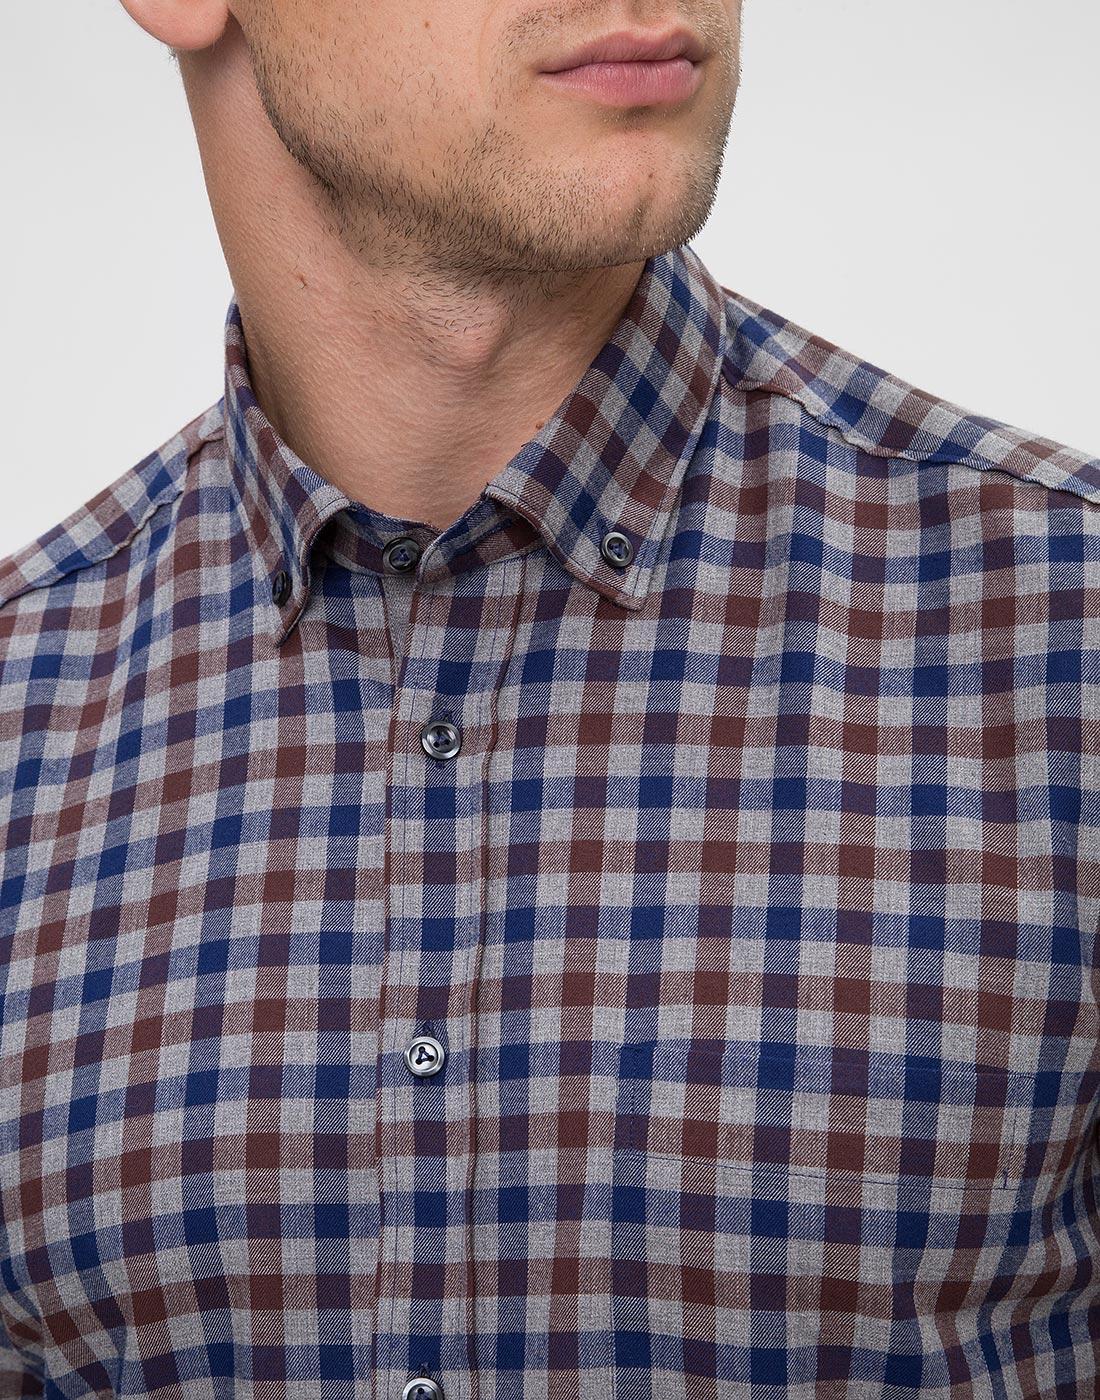 Мужская рубашка в клетку Van Laack S156193/780-6